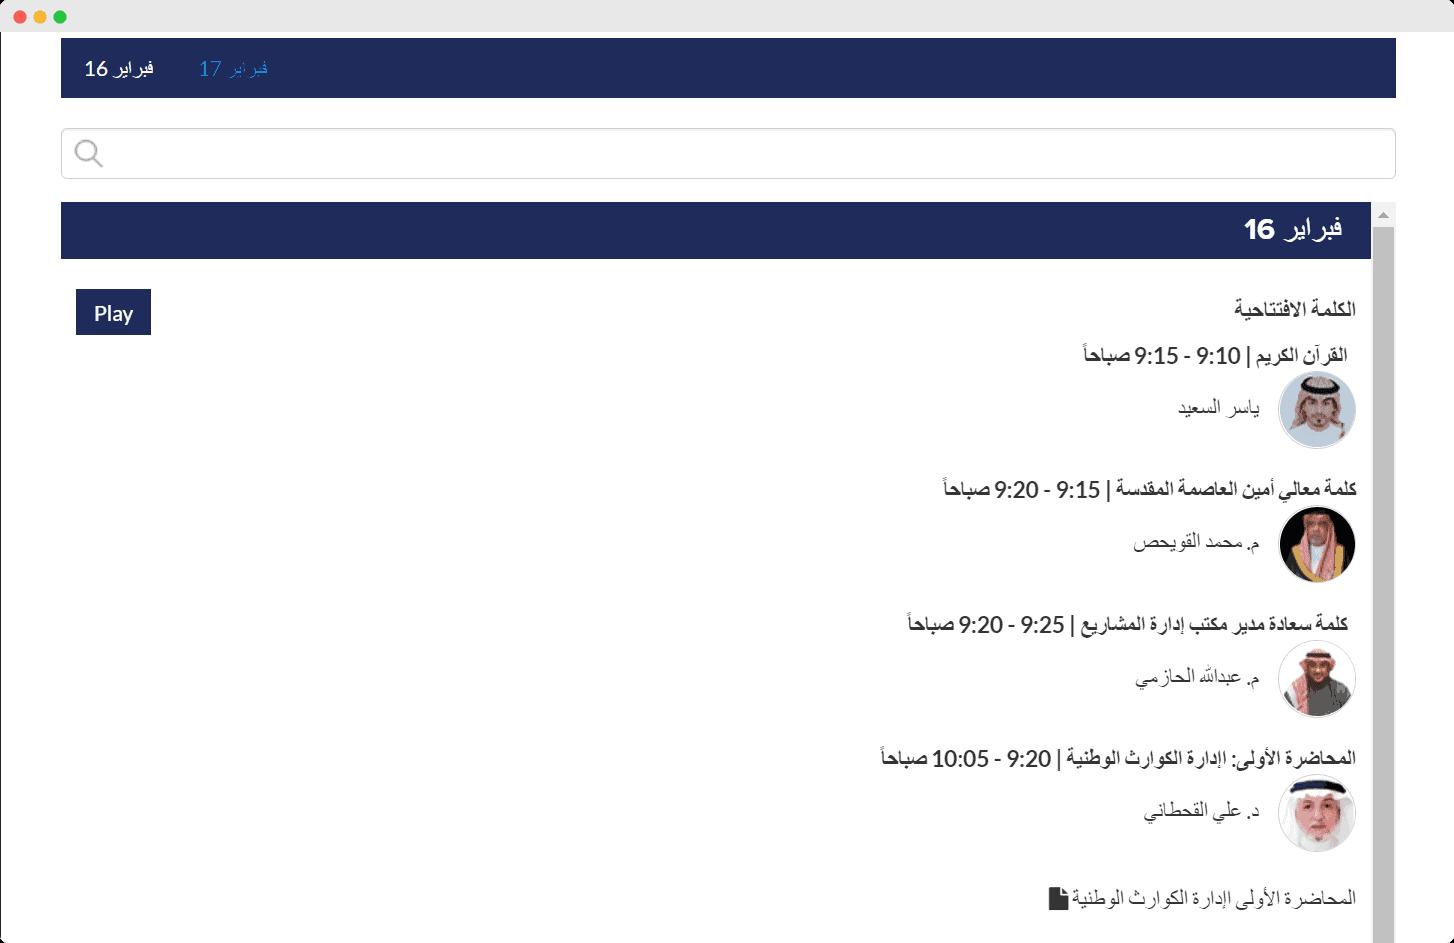 webinar sessions